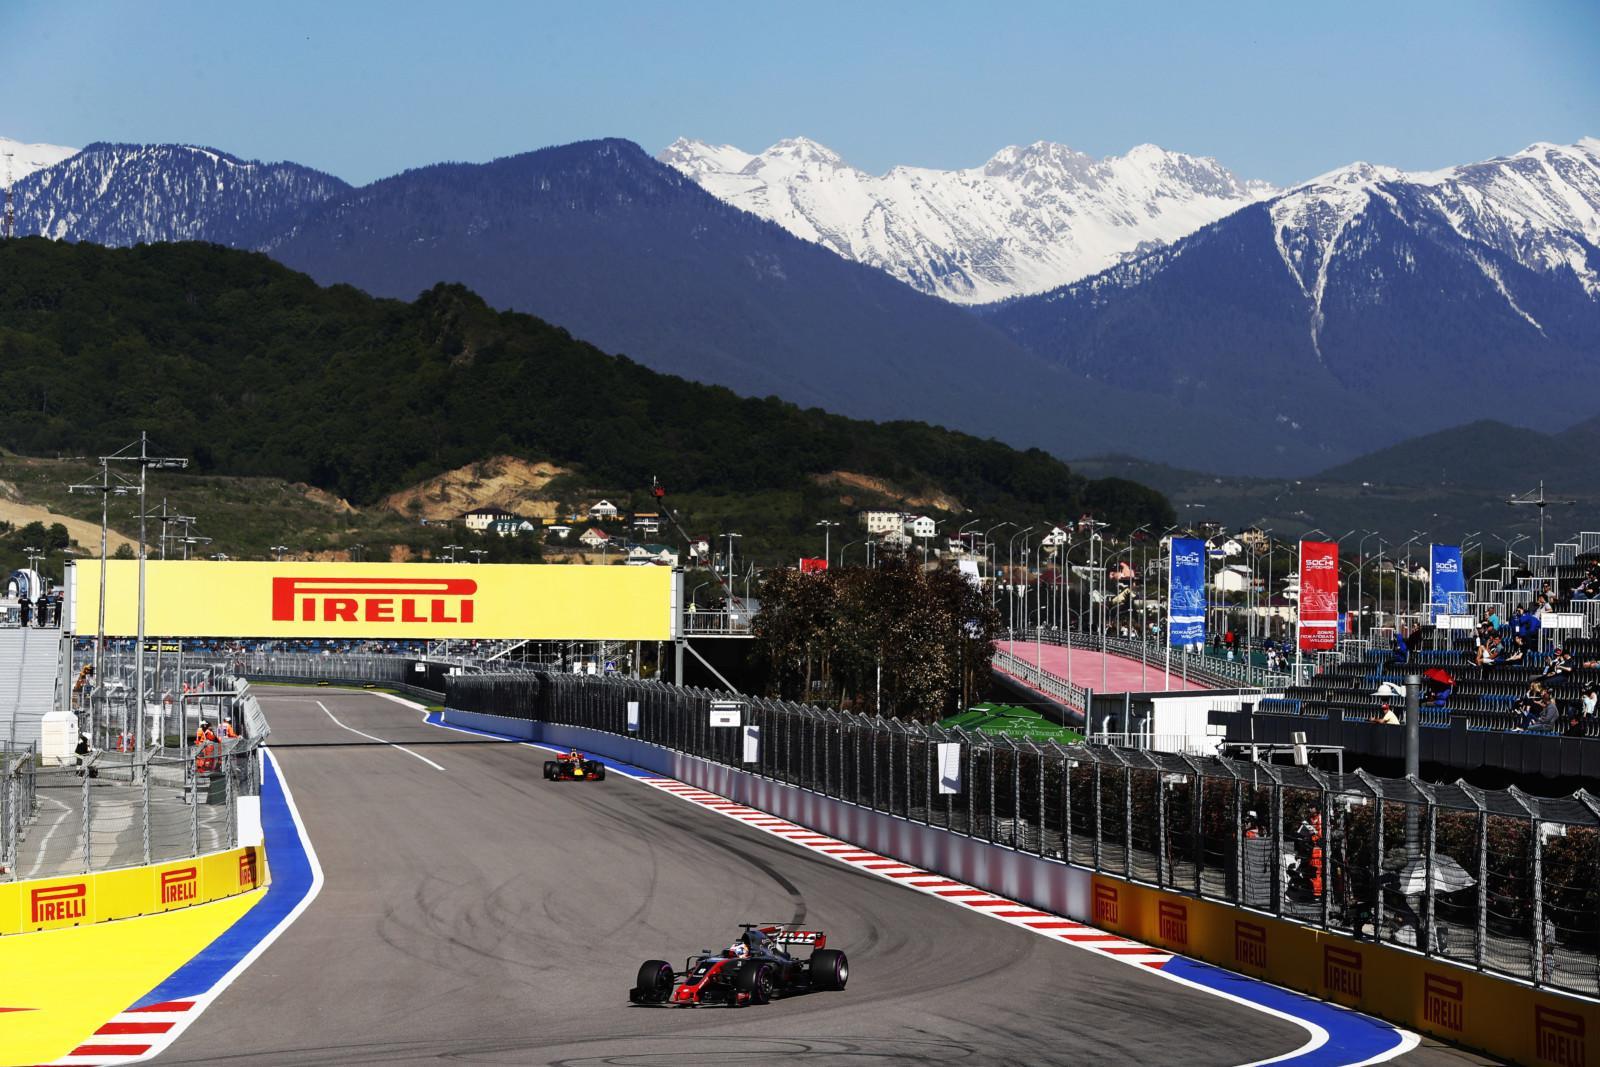 Journée un peu compliquée pour Haas F1